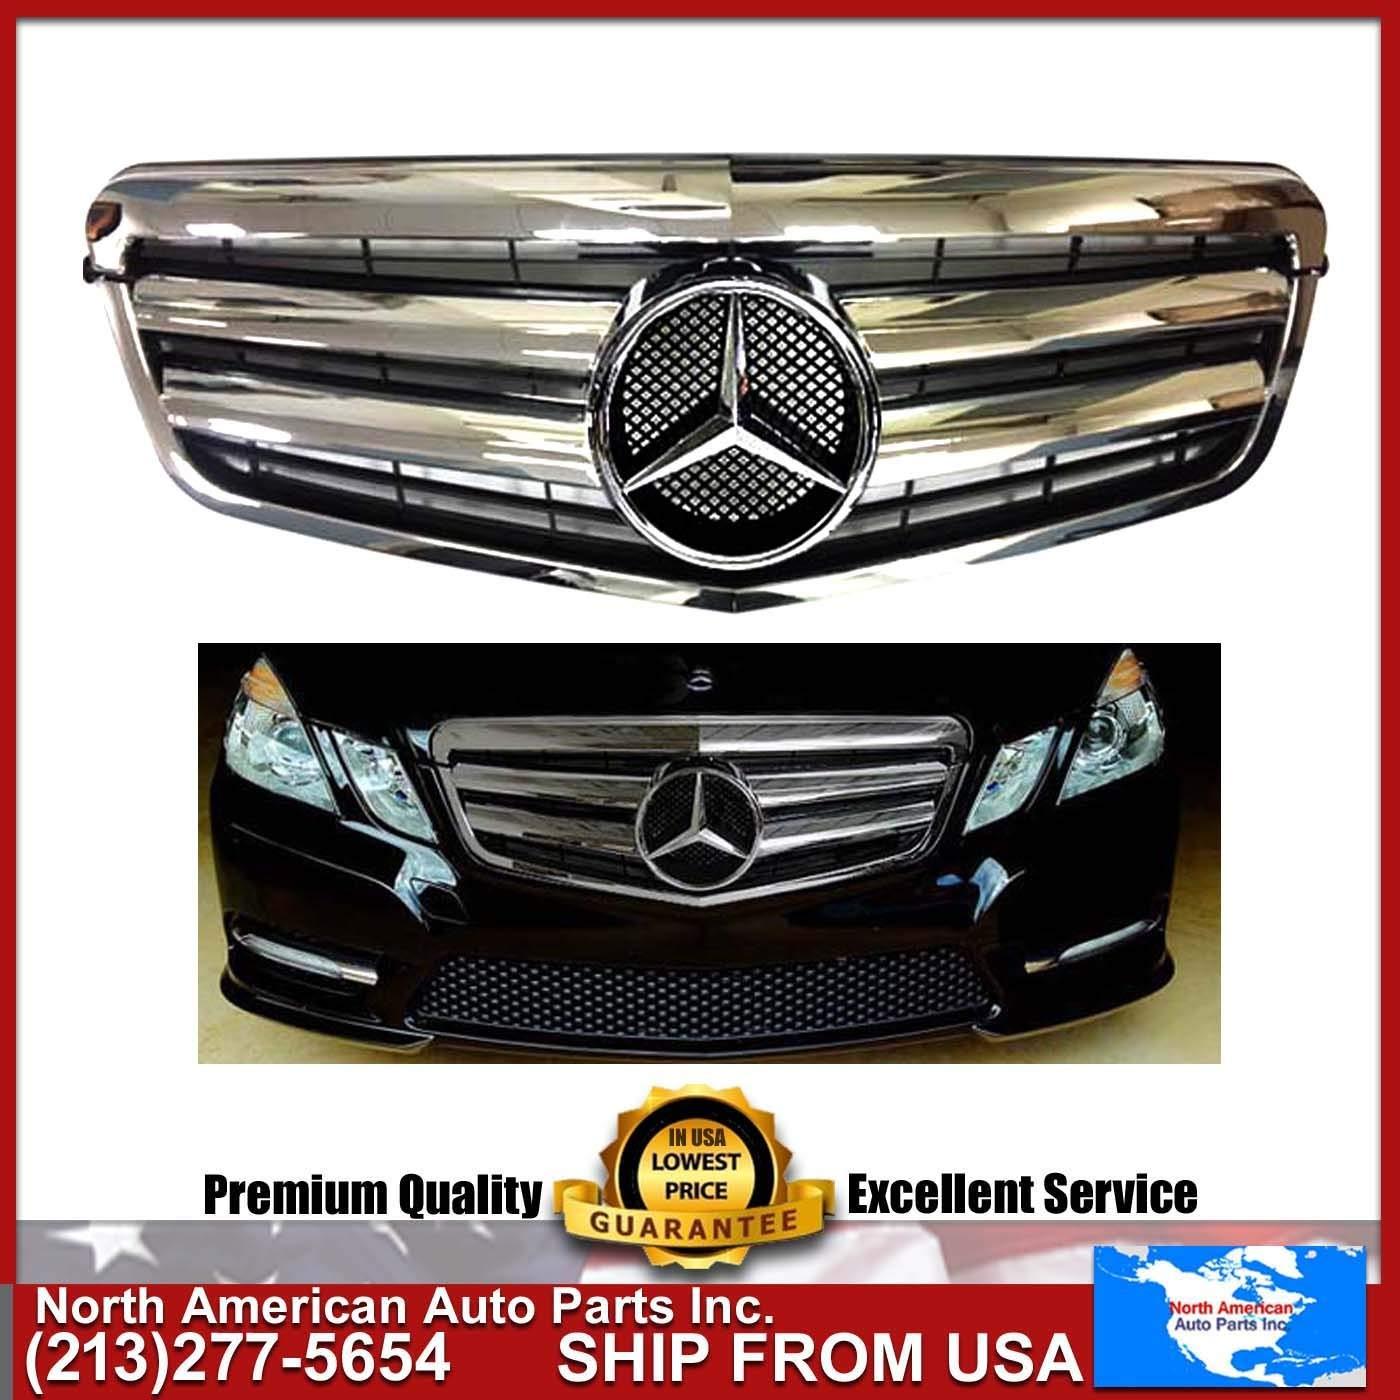 Fits 03-06 Benz R230 SL Class 2Dr Front Grille Black ABS Authentic Star Emblem